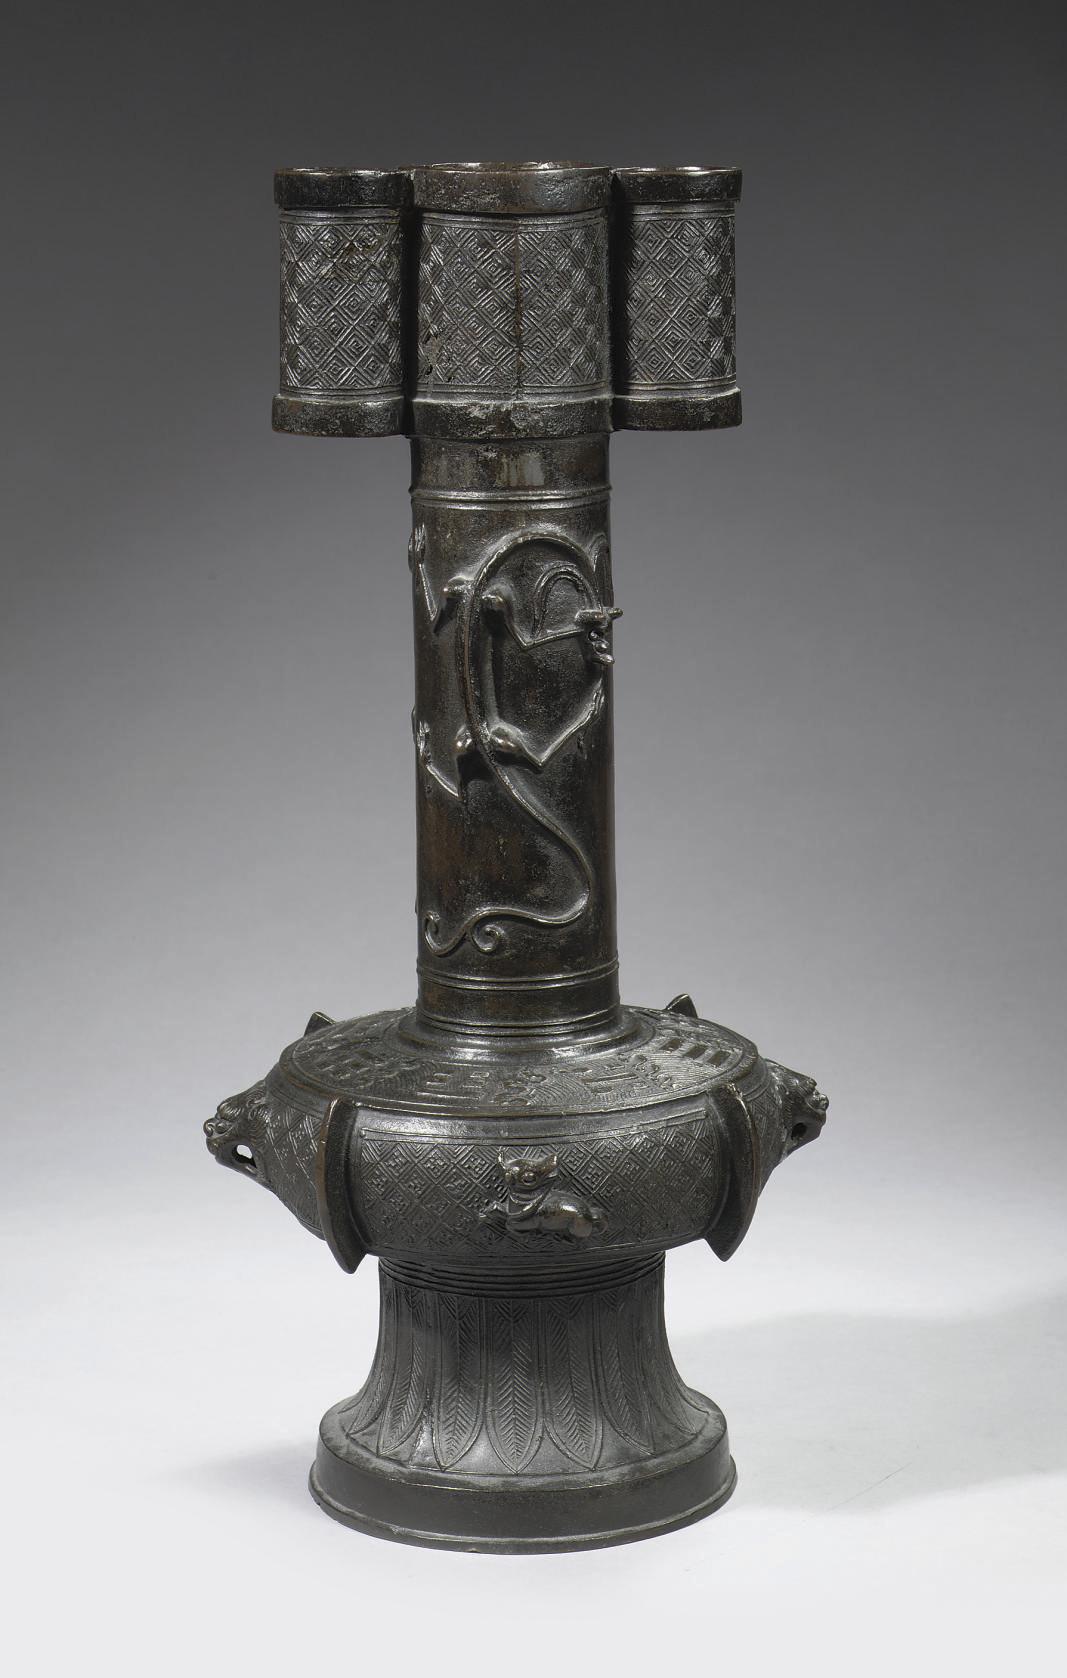 A large bronze archaistic arro